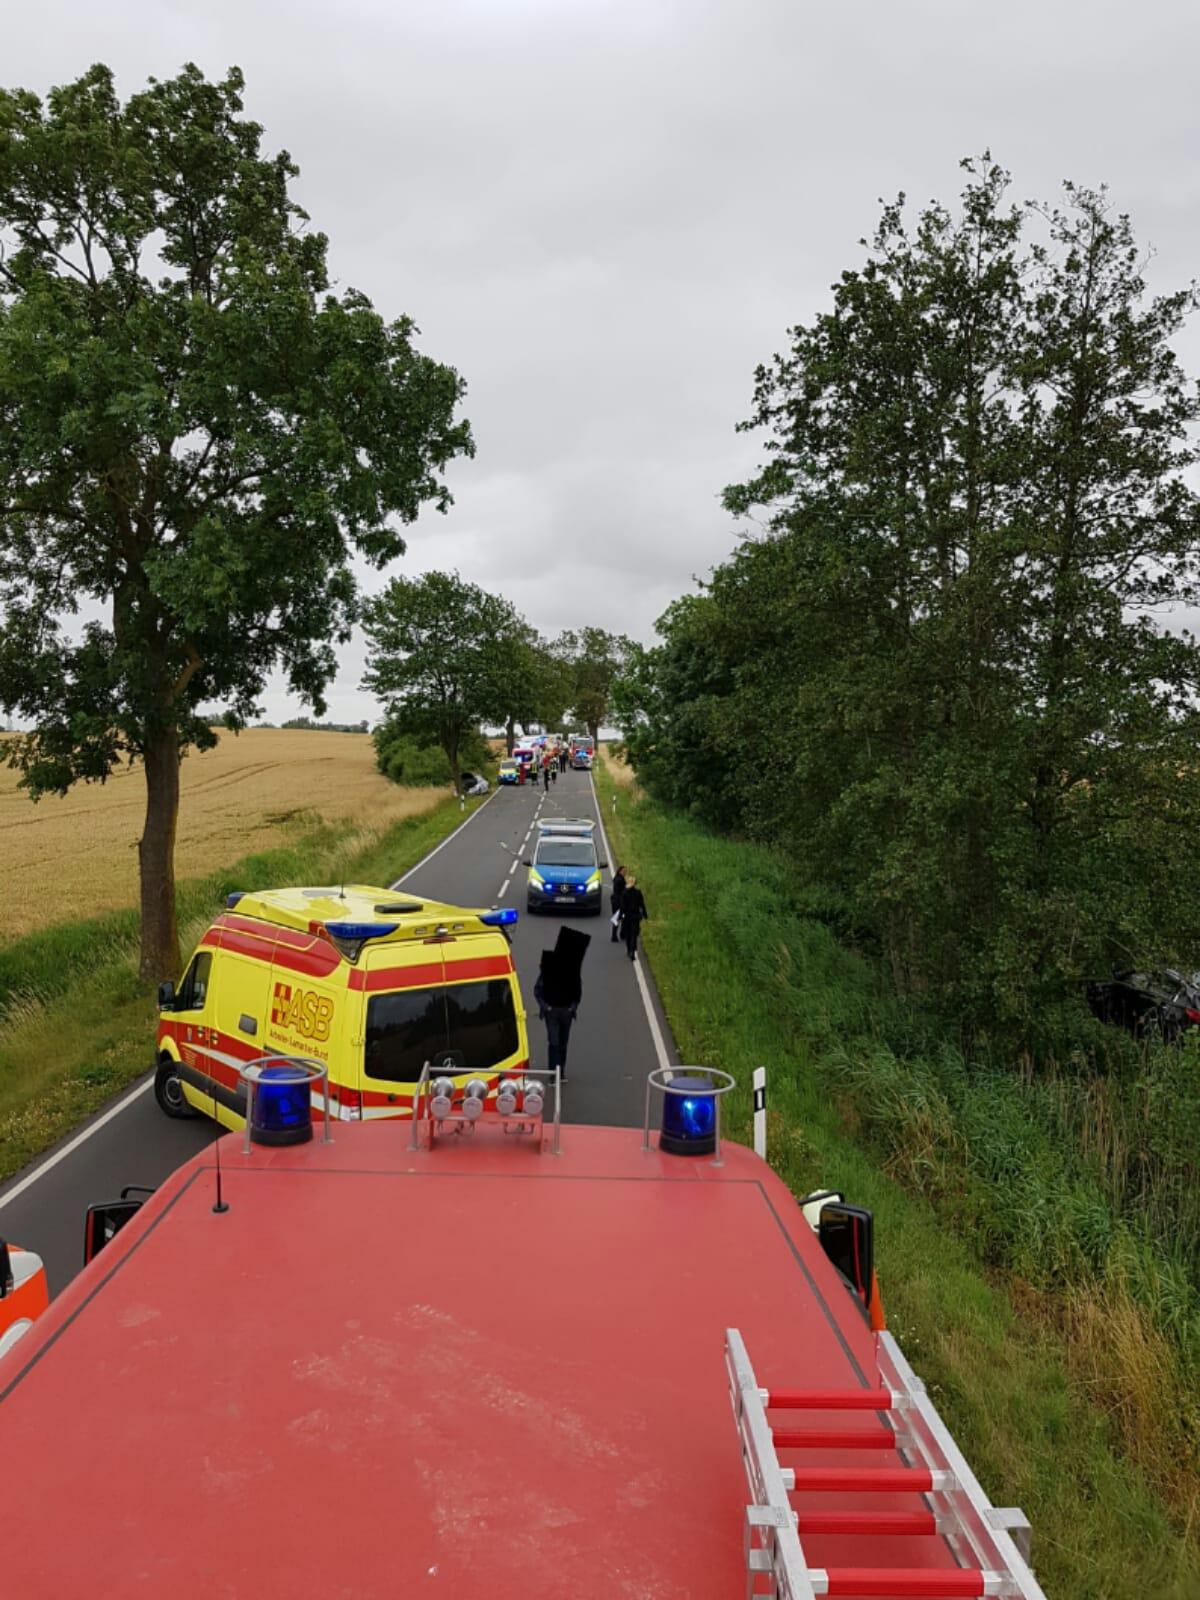 2019-07-07_Technische-Hilfeleistungseinsatz_VKU-8-Verletzte-Personen8